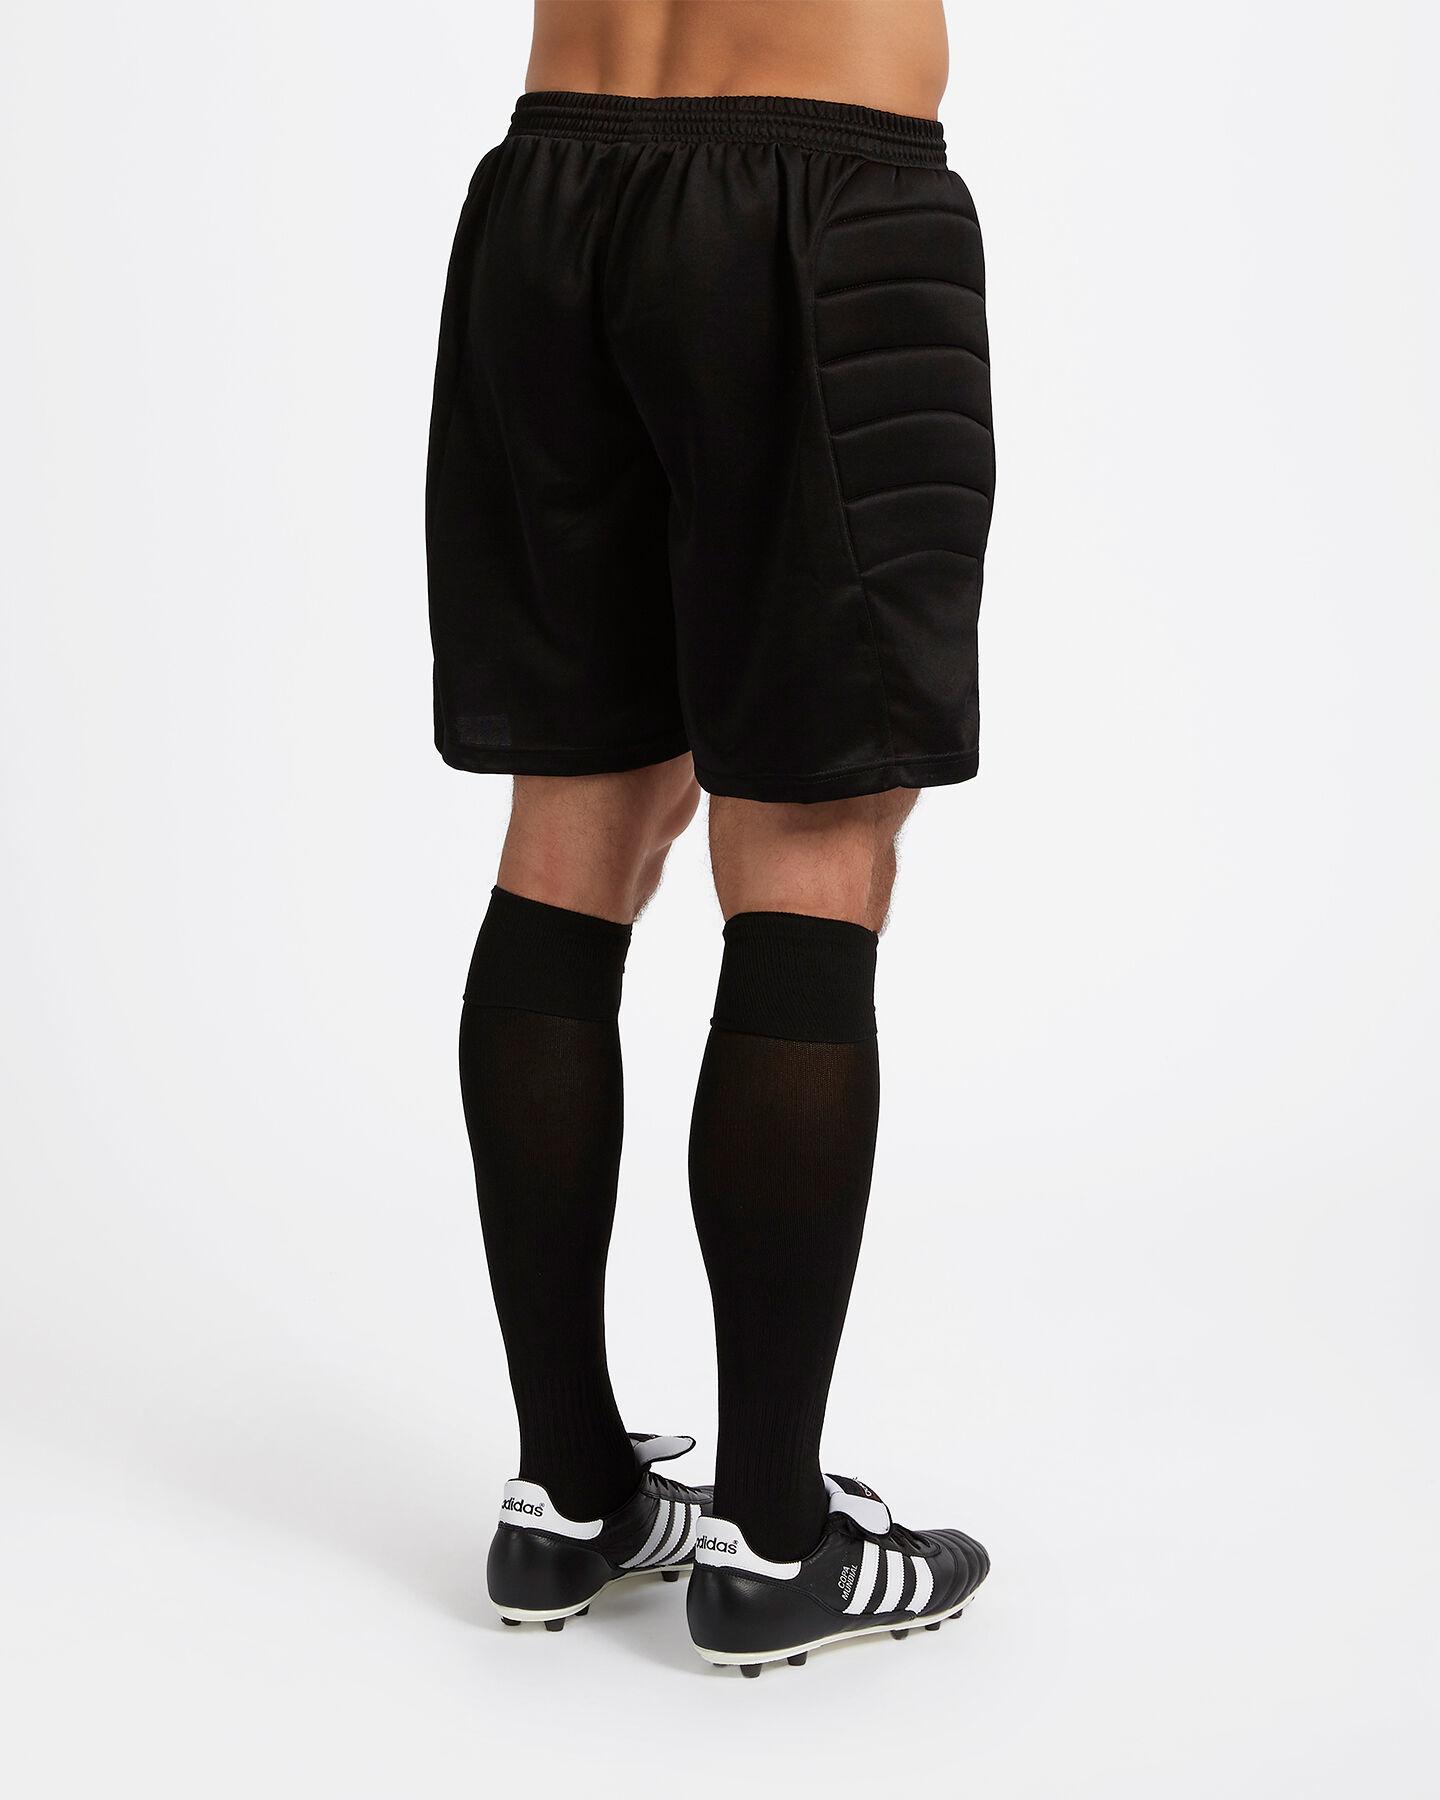 Pantaloncini calcio PRO TOUCH PORTIERE M S1314514 scatto 1